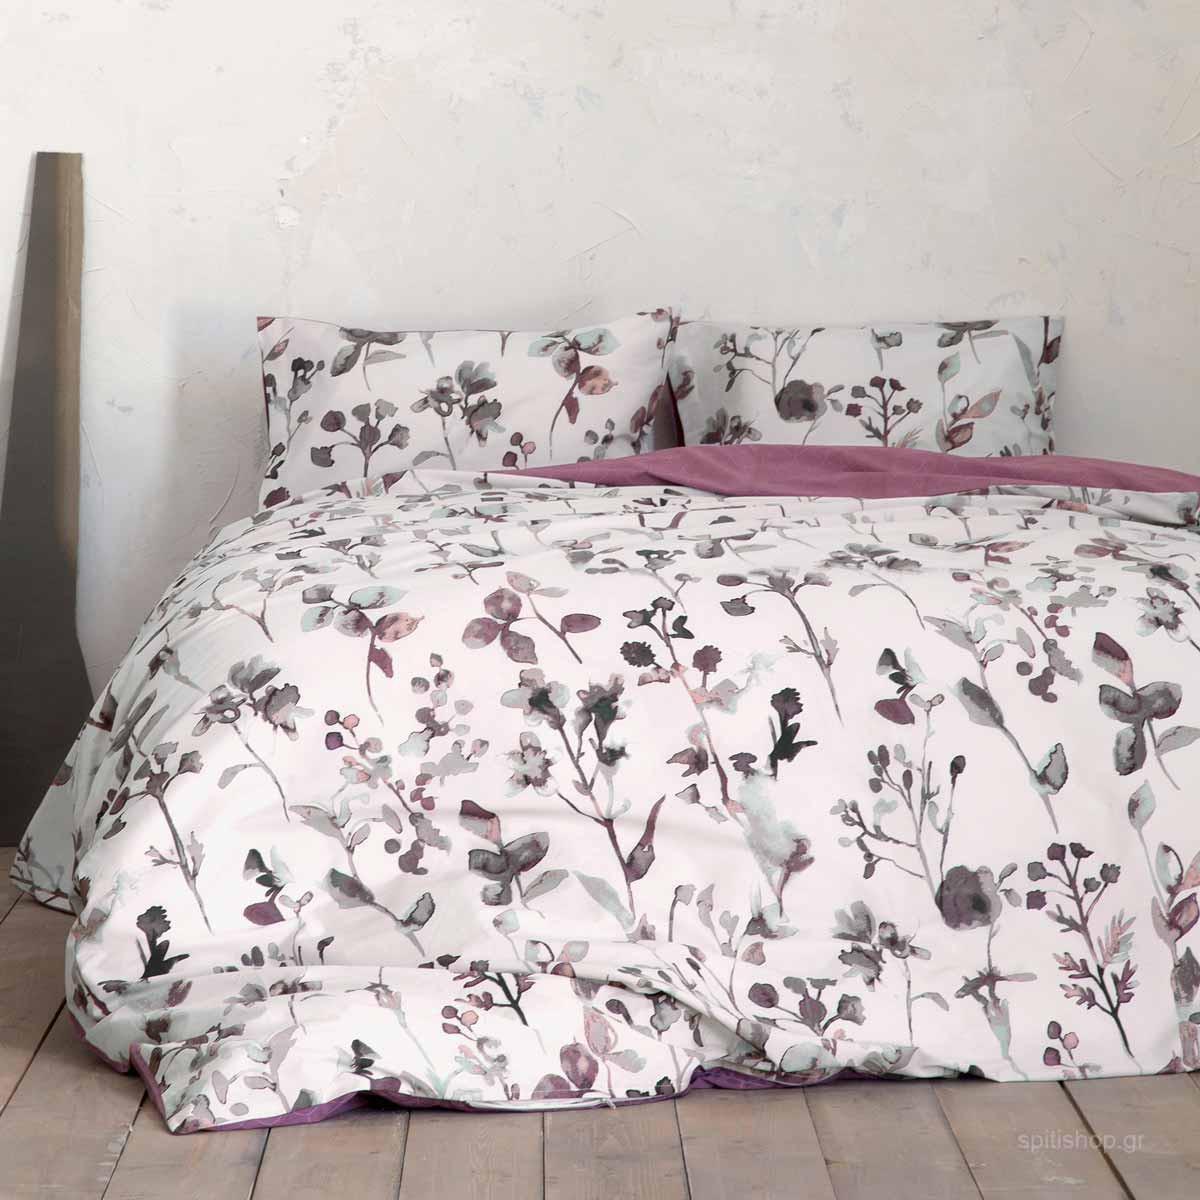 Παπλωματοθήκη King Size (Σετ) Nima Bed Linen Claricia